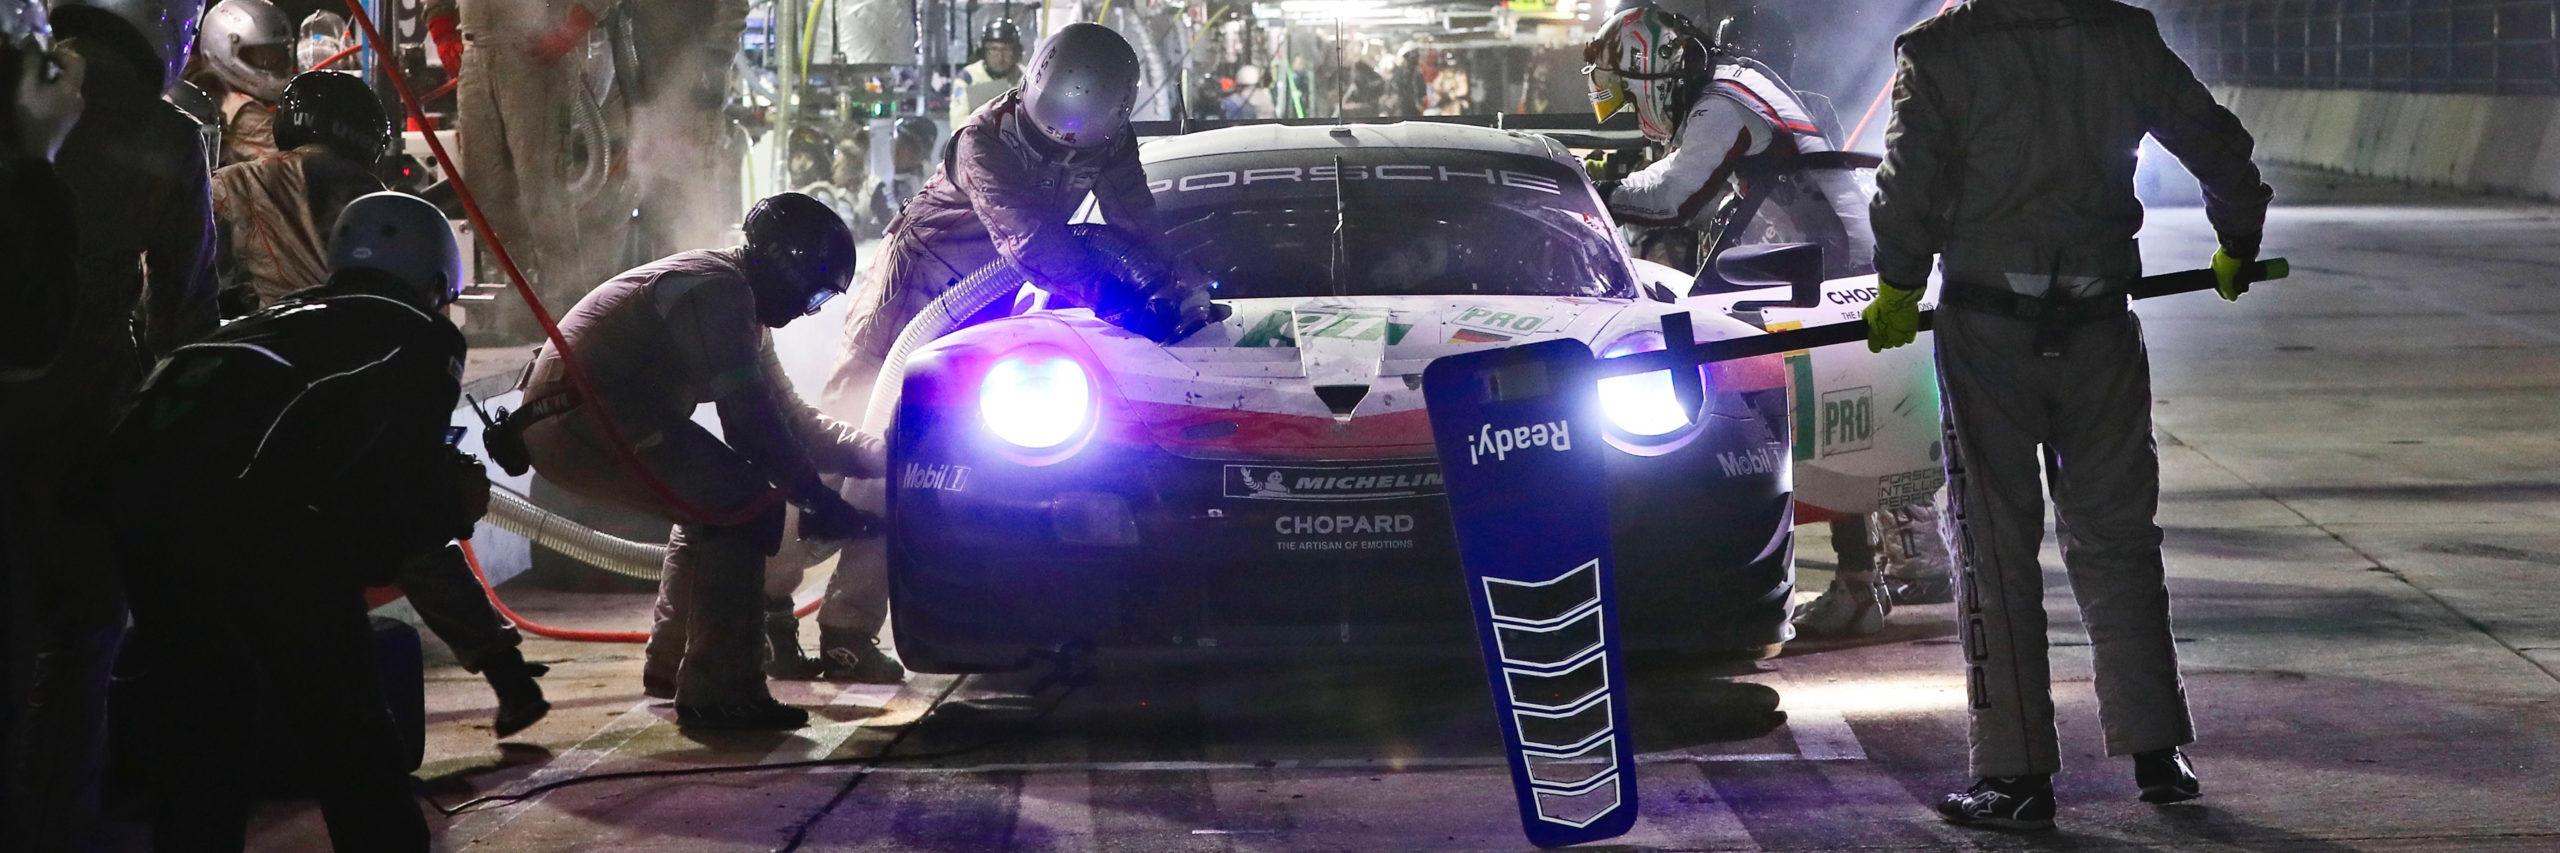 FIA World Endurance Championship (FIA WEC) slide 2